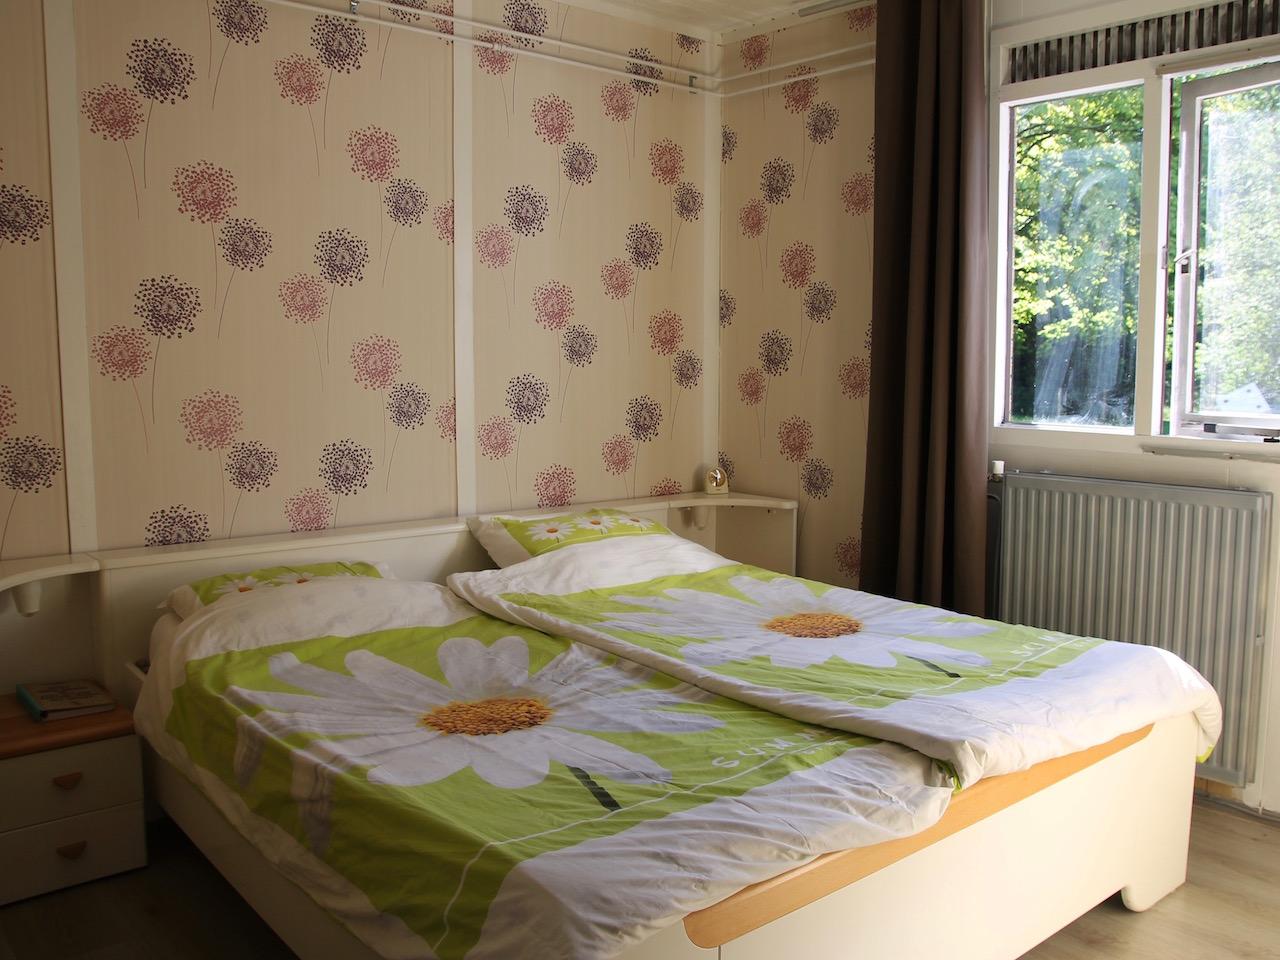 leukplekje-nl_vakantiehuis_hermelijn_slaapkamer018